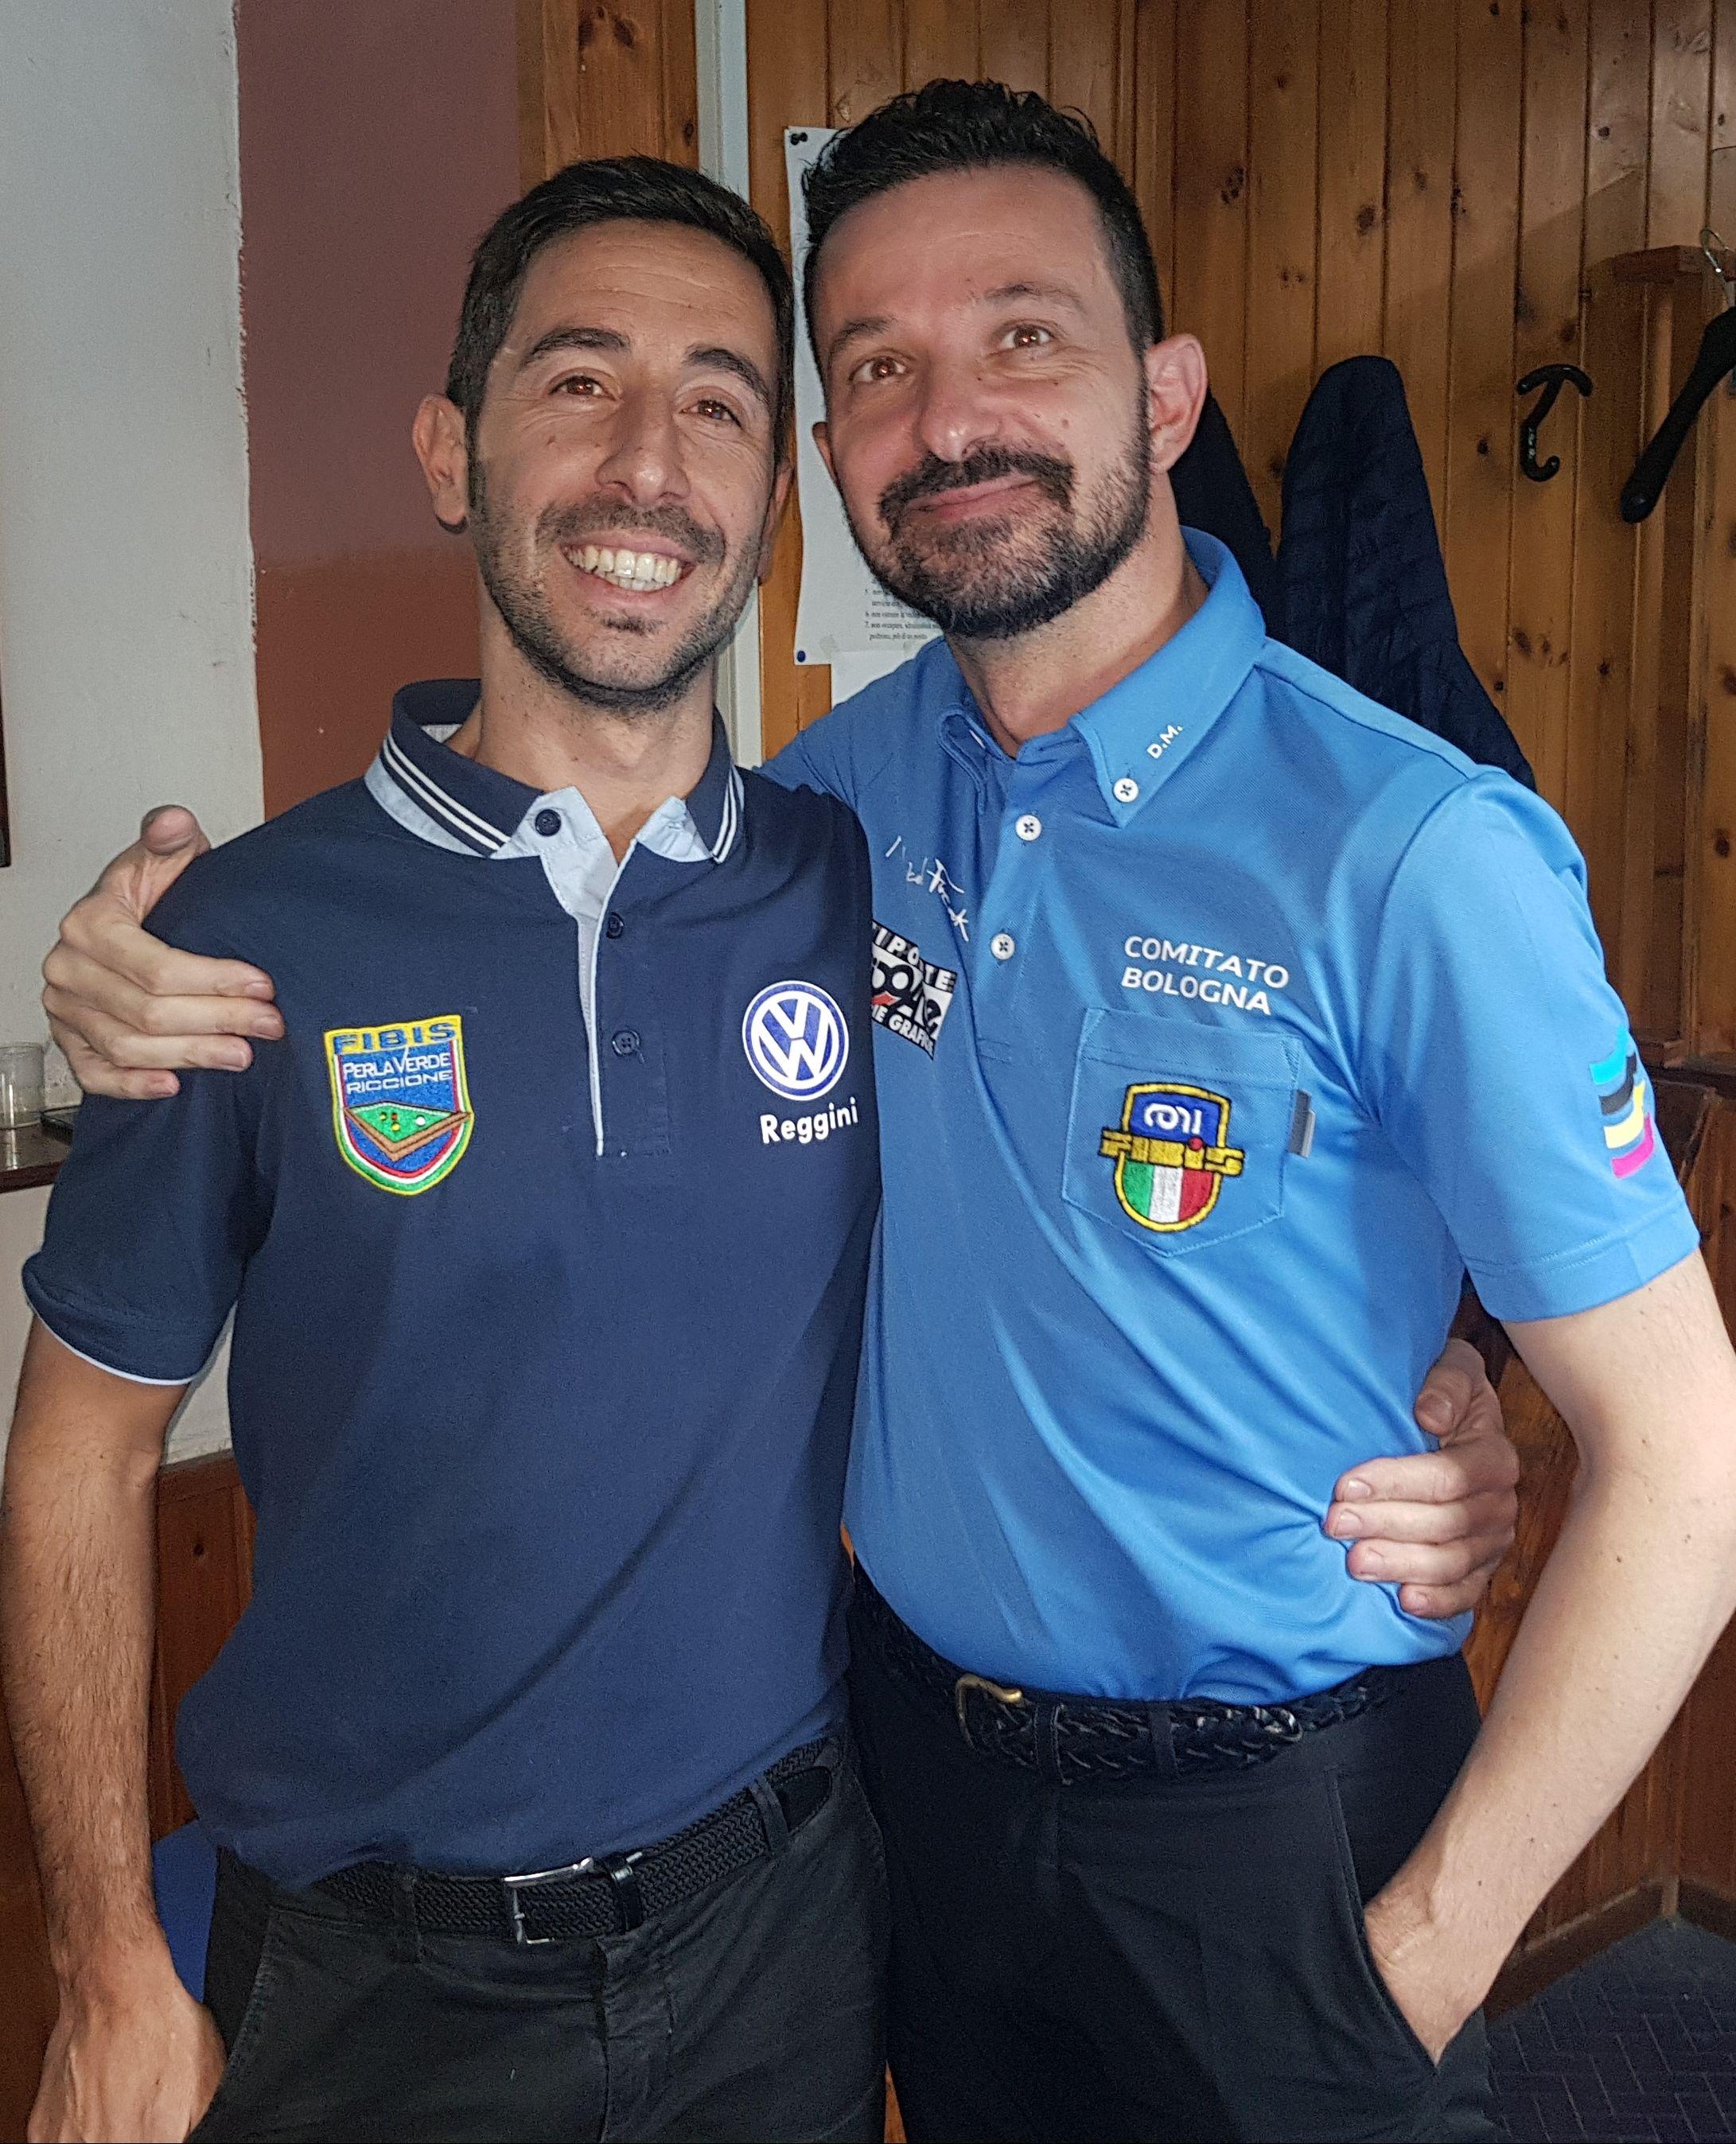 Cristian Spadoni e Denis Morini